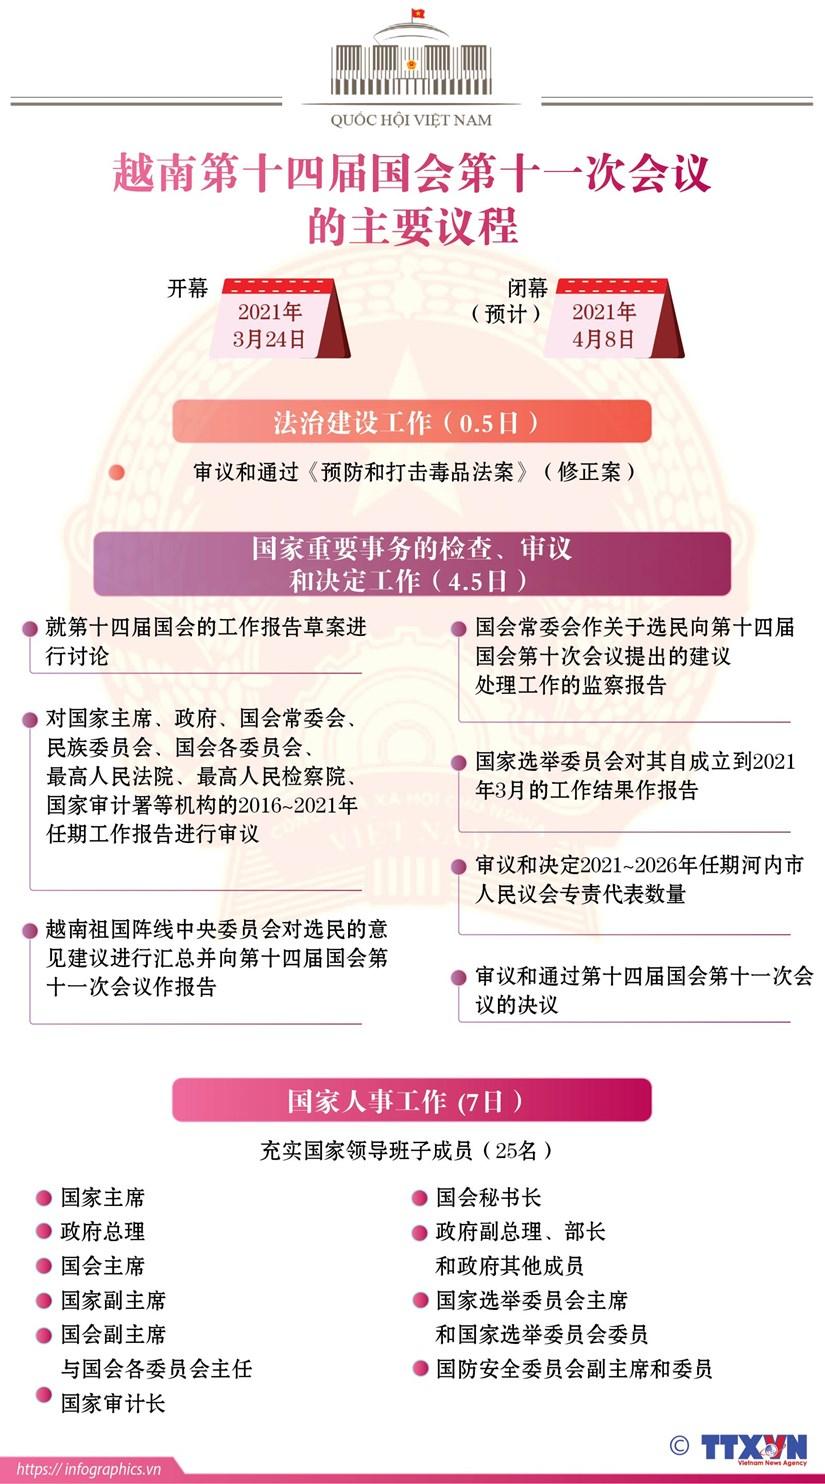 图表新闻:越南第十四届国会第十一次会议的主要议程 hinh anh 1